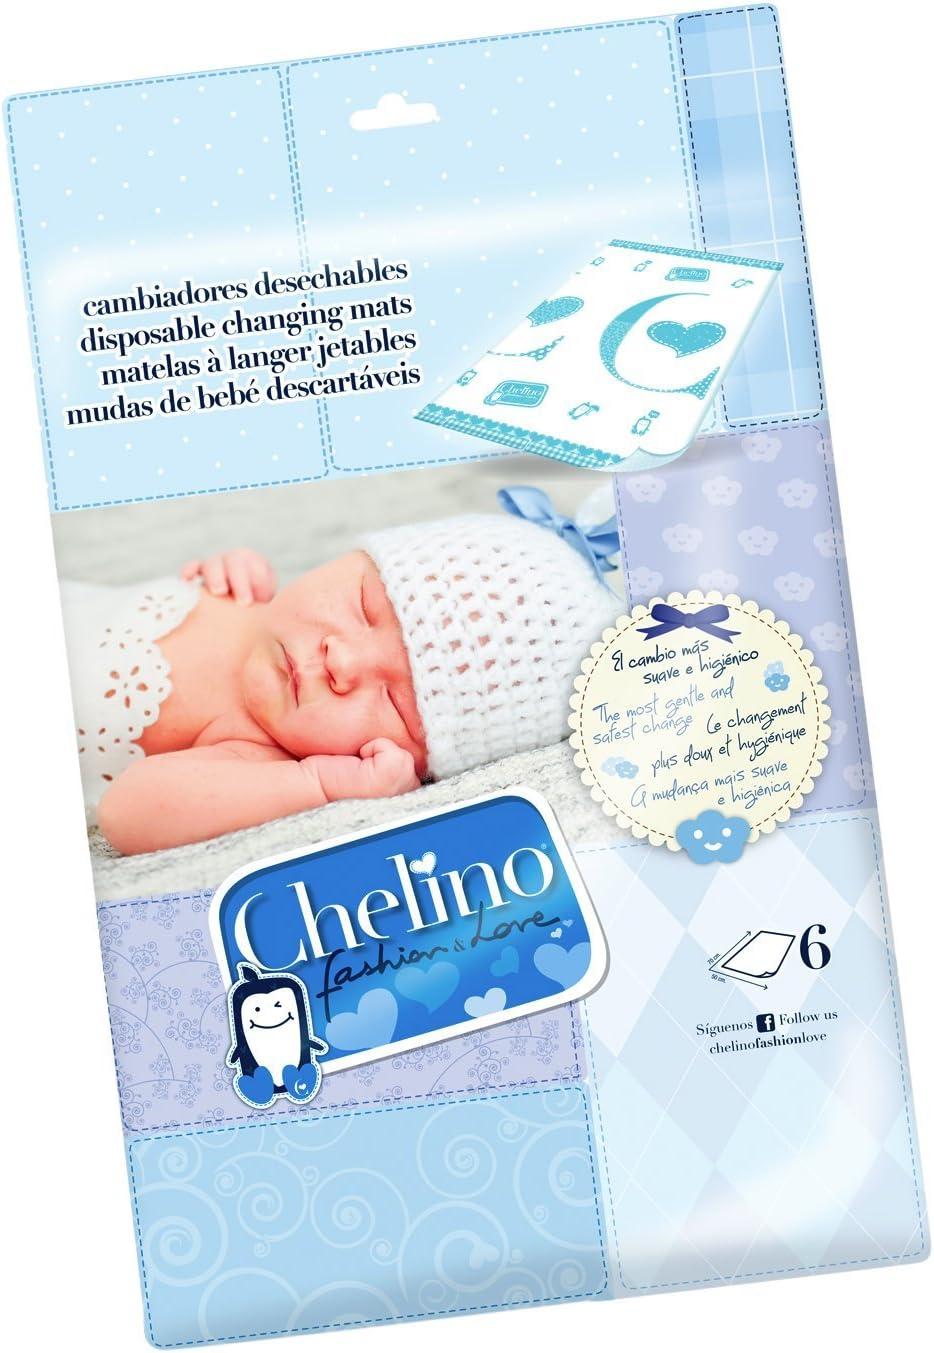 Chelino Fashion & Love Cambiador Infantil, Protector Cama - 6 Cambiadores: Amazon.es: Bebé